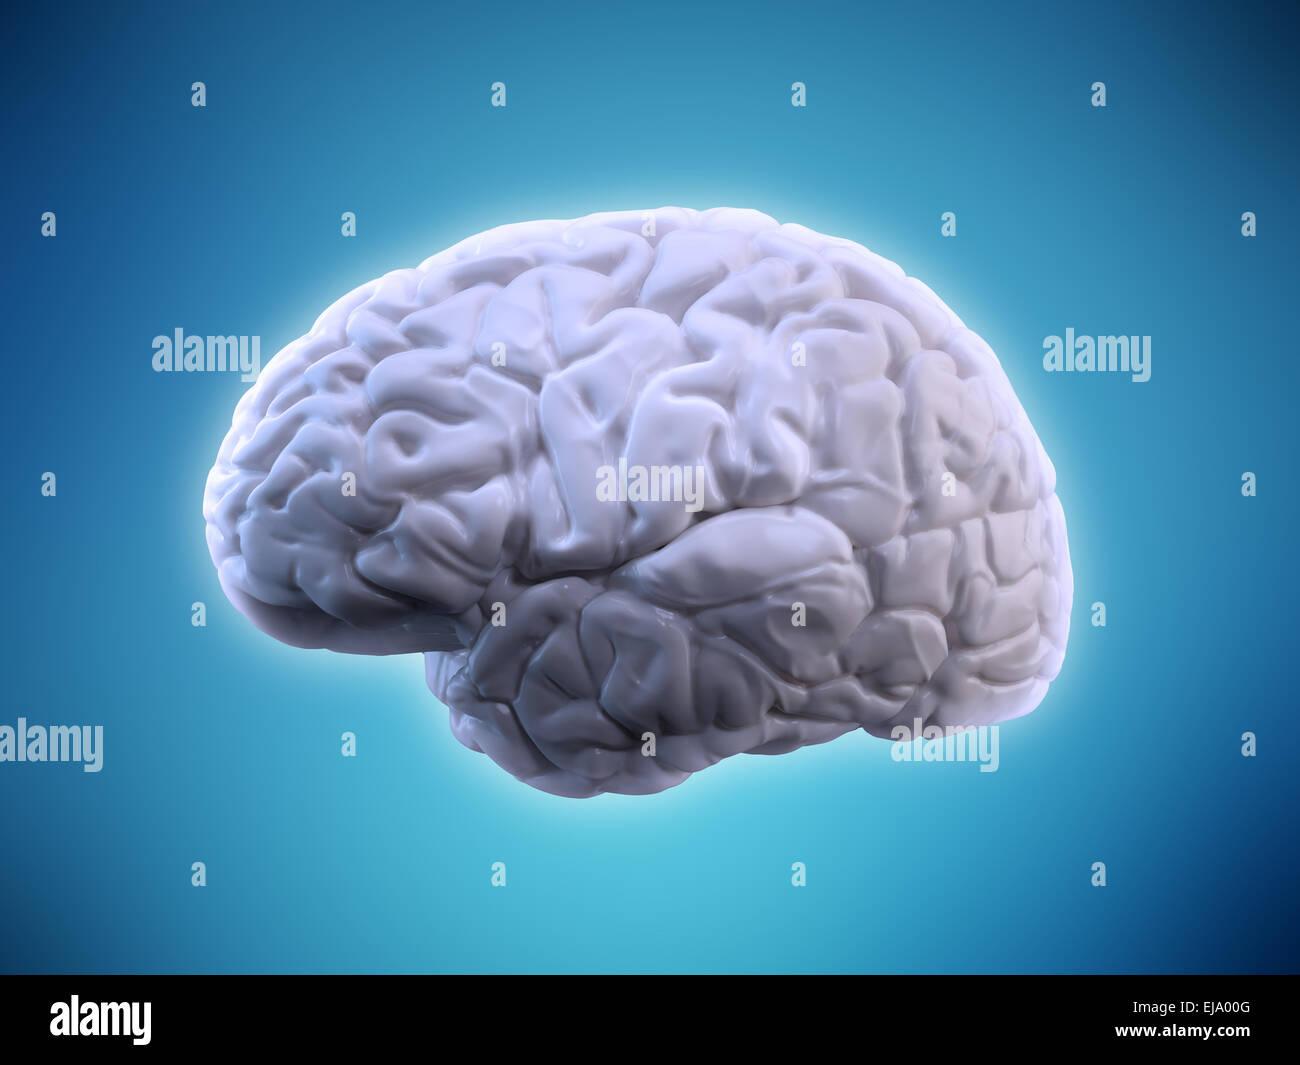 Menschliche Gehirn Illustration - Anatomie des Menschen Stockbild